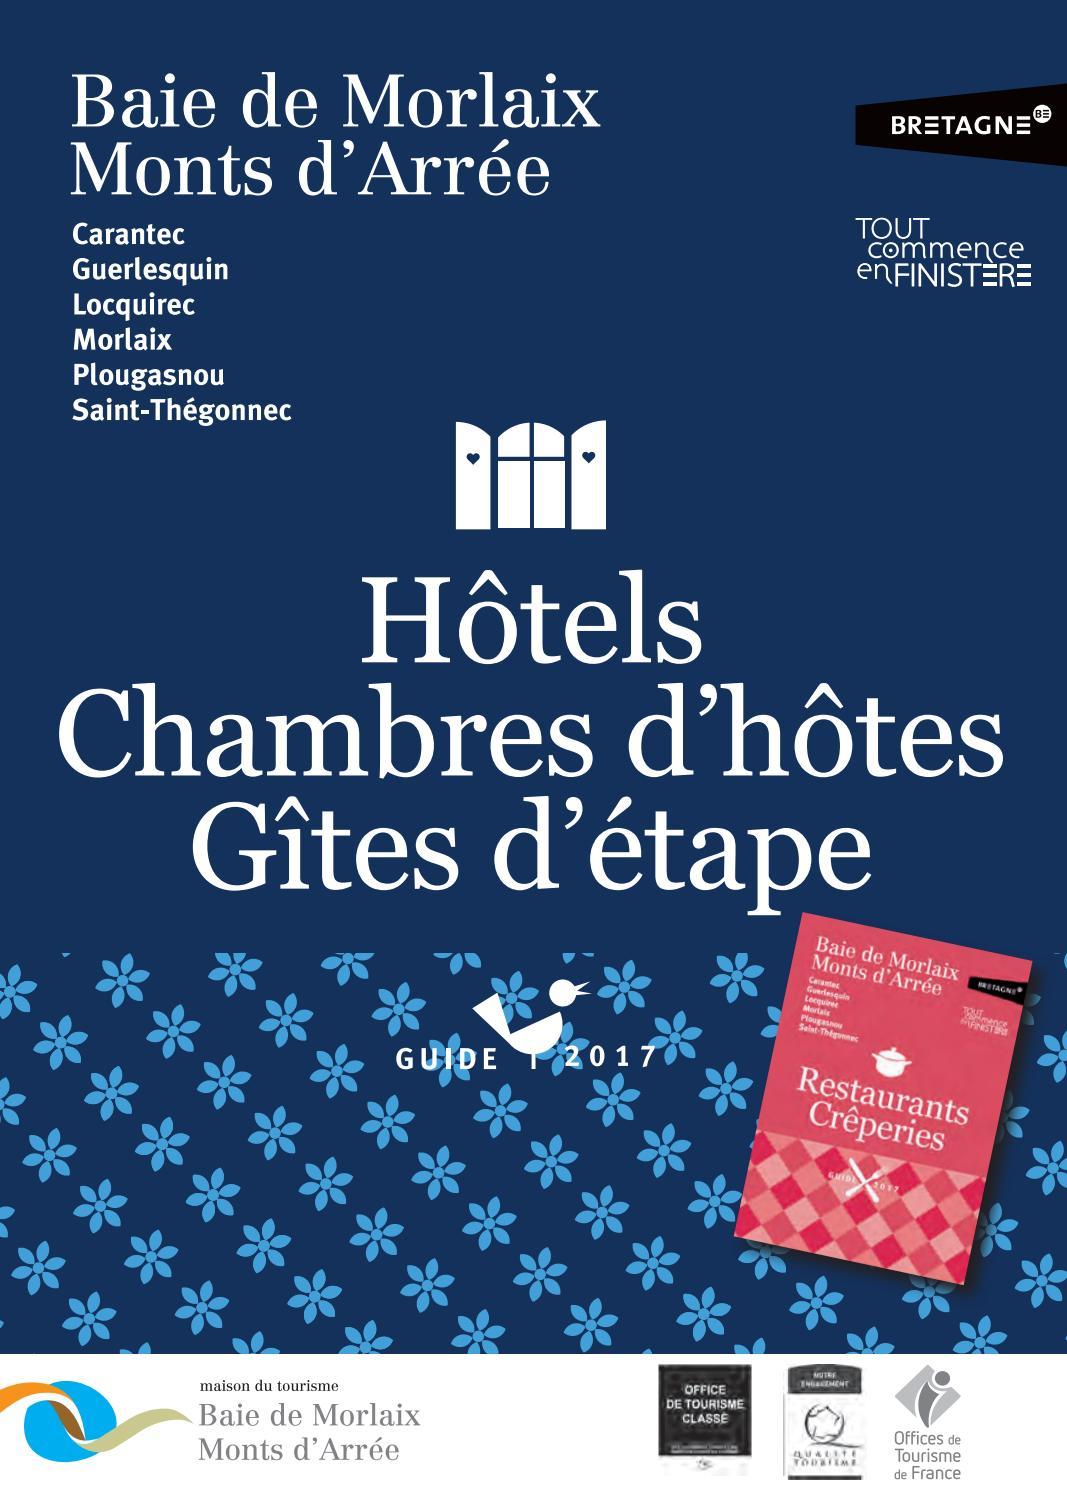 Guide gites d 39 tape baie de morlaix monts d 39 arr e 2017 by - Office du tourisme carcans maubuisson ...